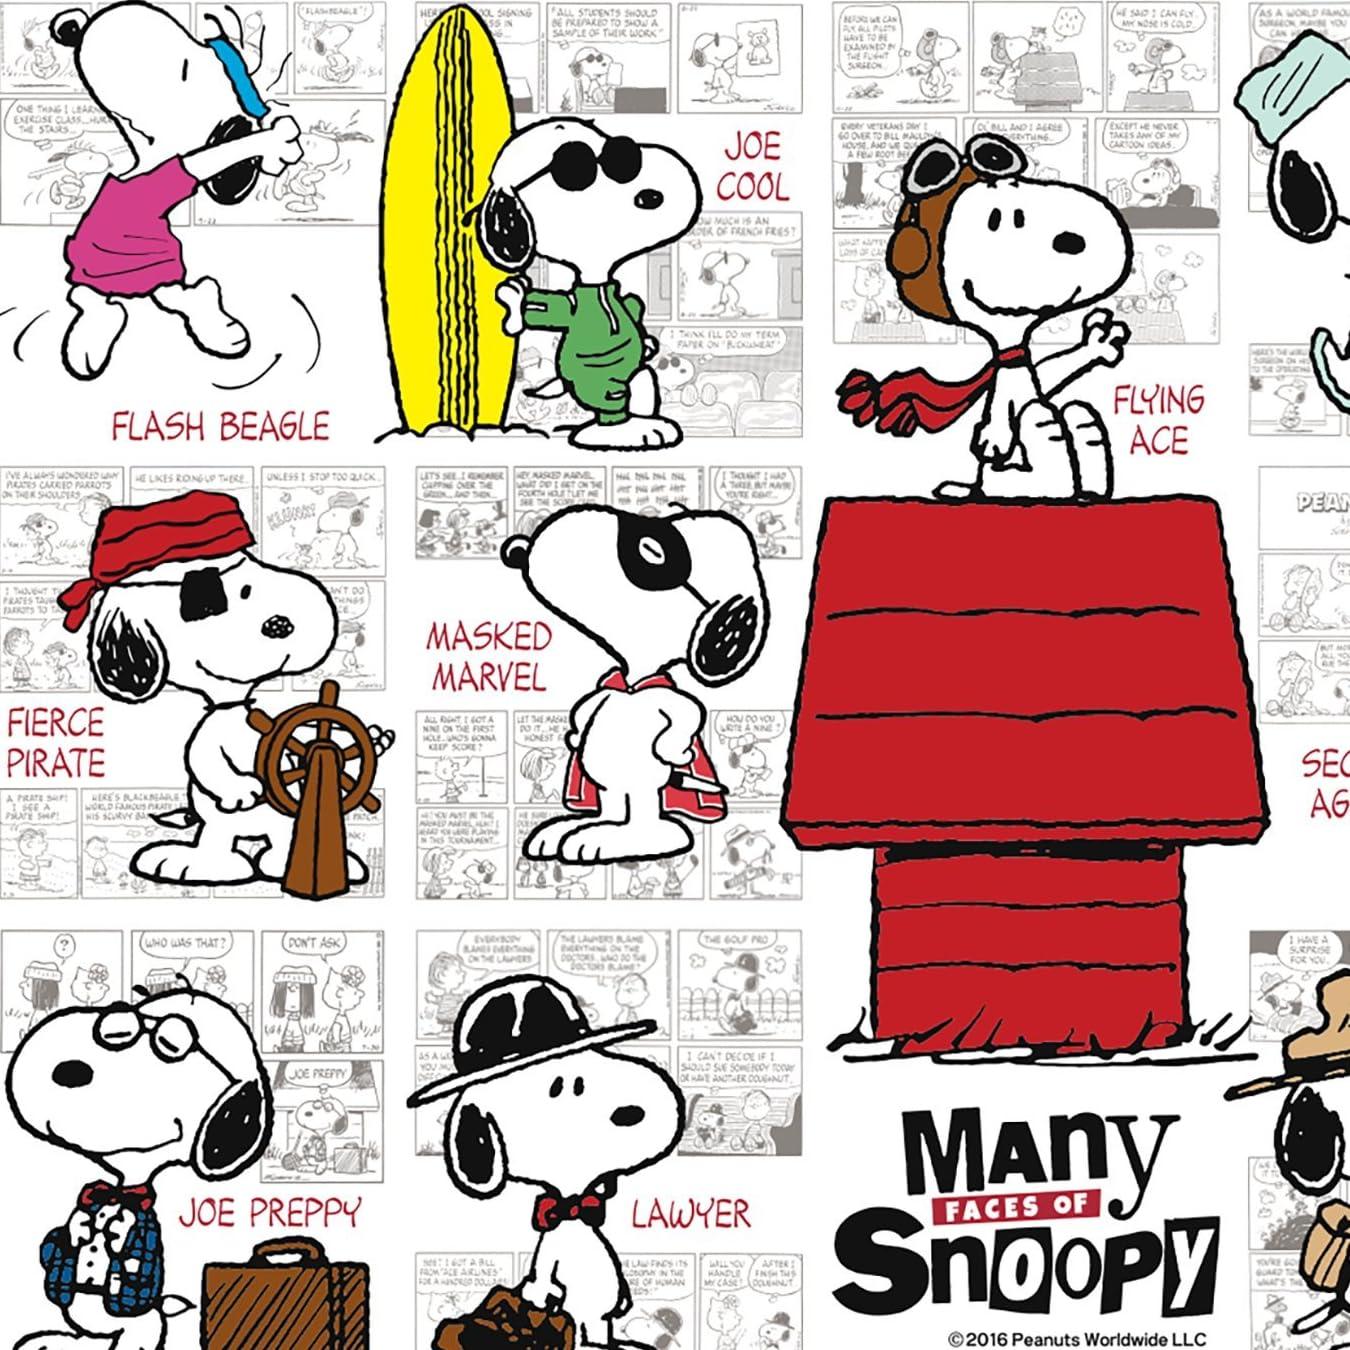 スヌーピー Peanuts メニー フェイスズ オブ スヌーピー Ipad壁紙 画像